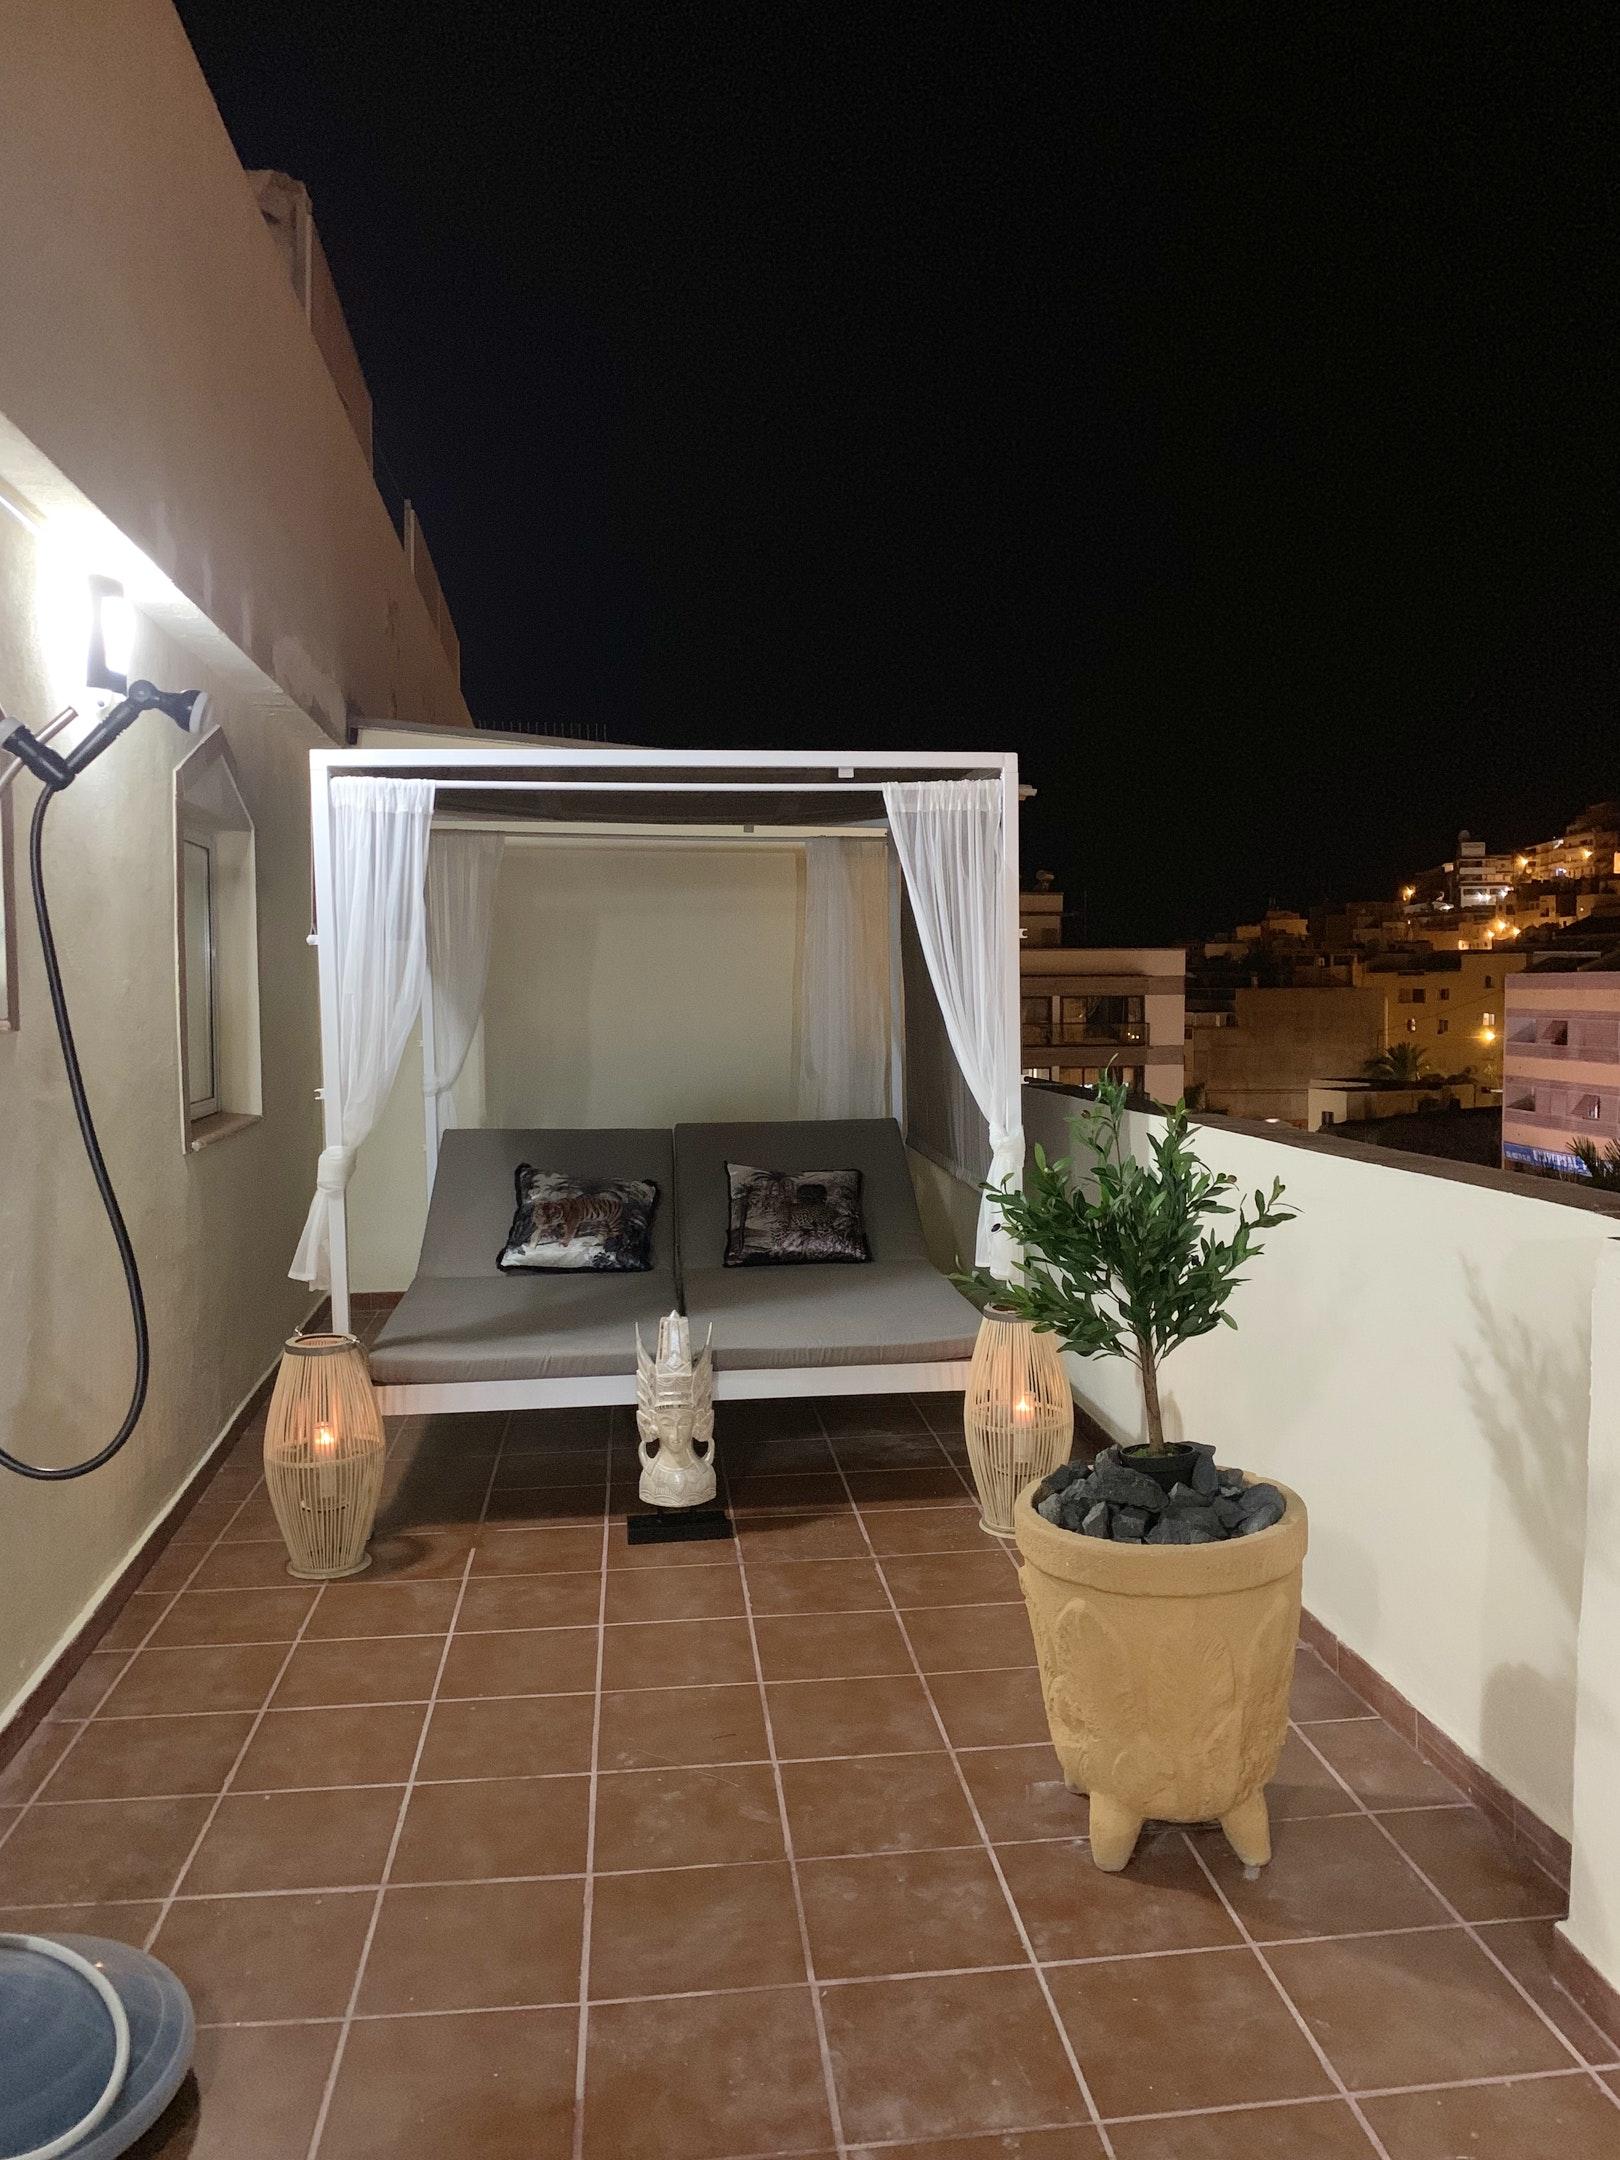 Appartement de vacances Wohnung mit 2 Schlafzimmern in Los Cristianos mit toller Aussicht auf die Berge, eingezäun (2202481), Los Cristianos, Ténérife, Iles Canaries, Espagne, image 20